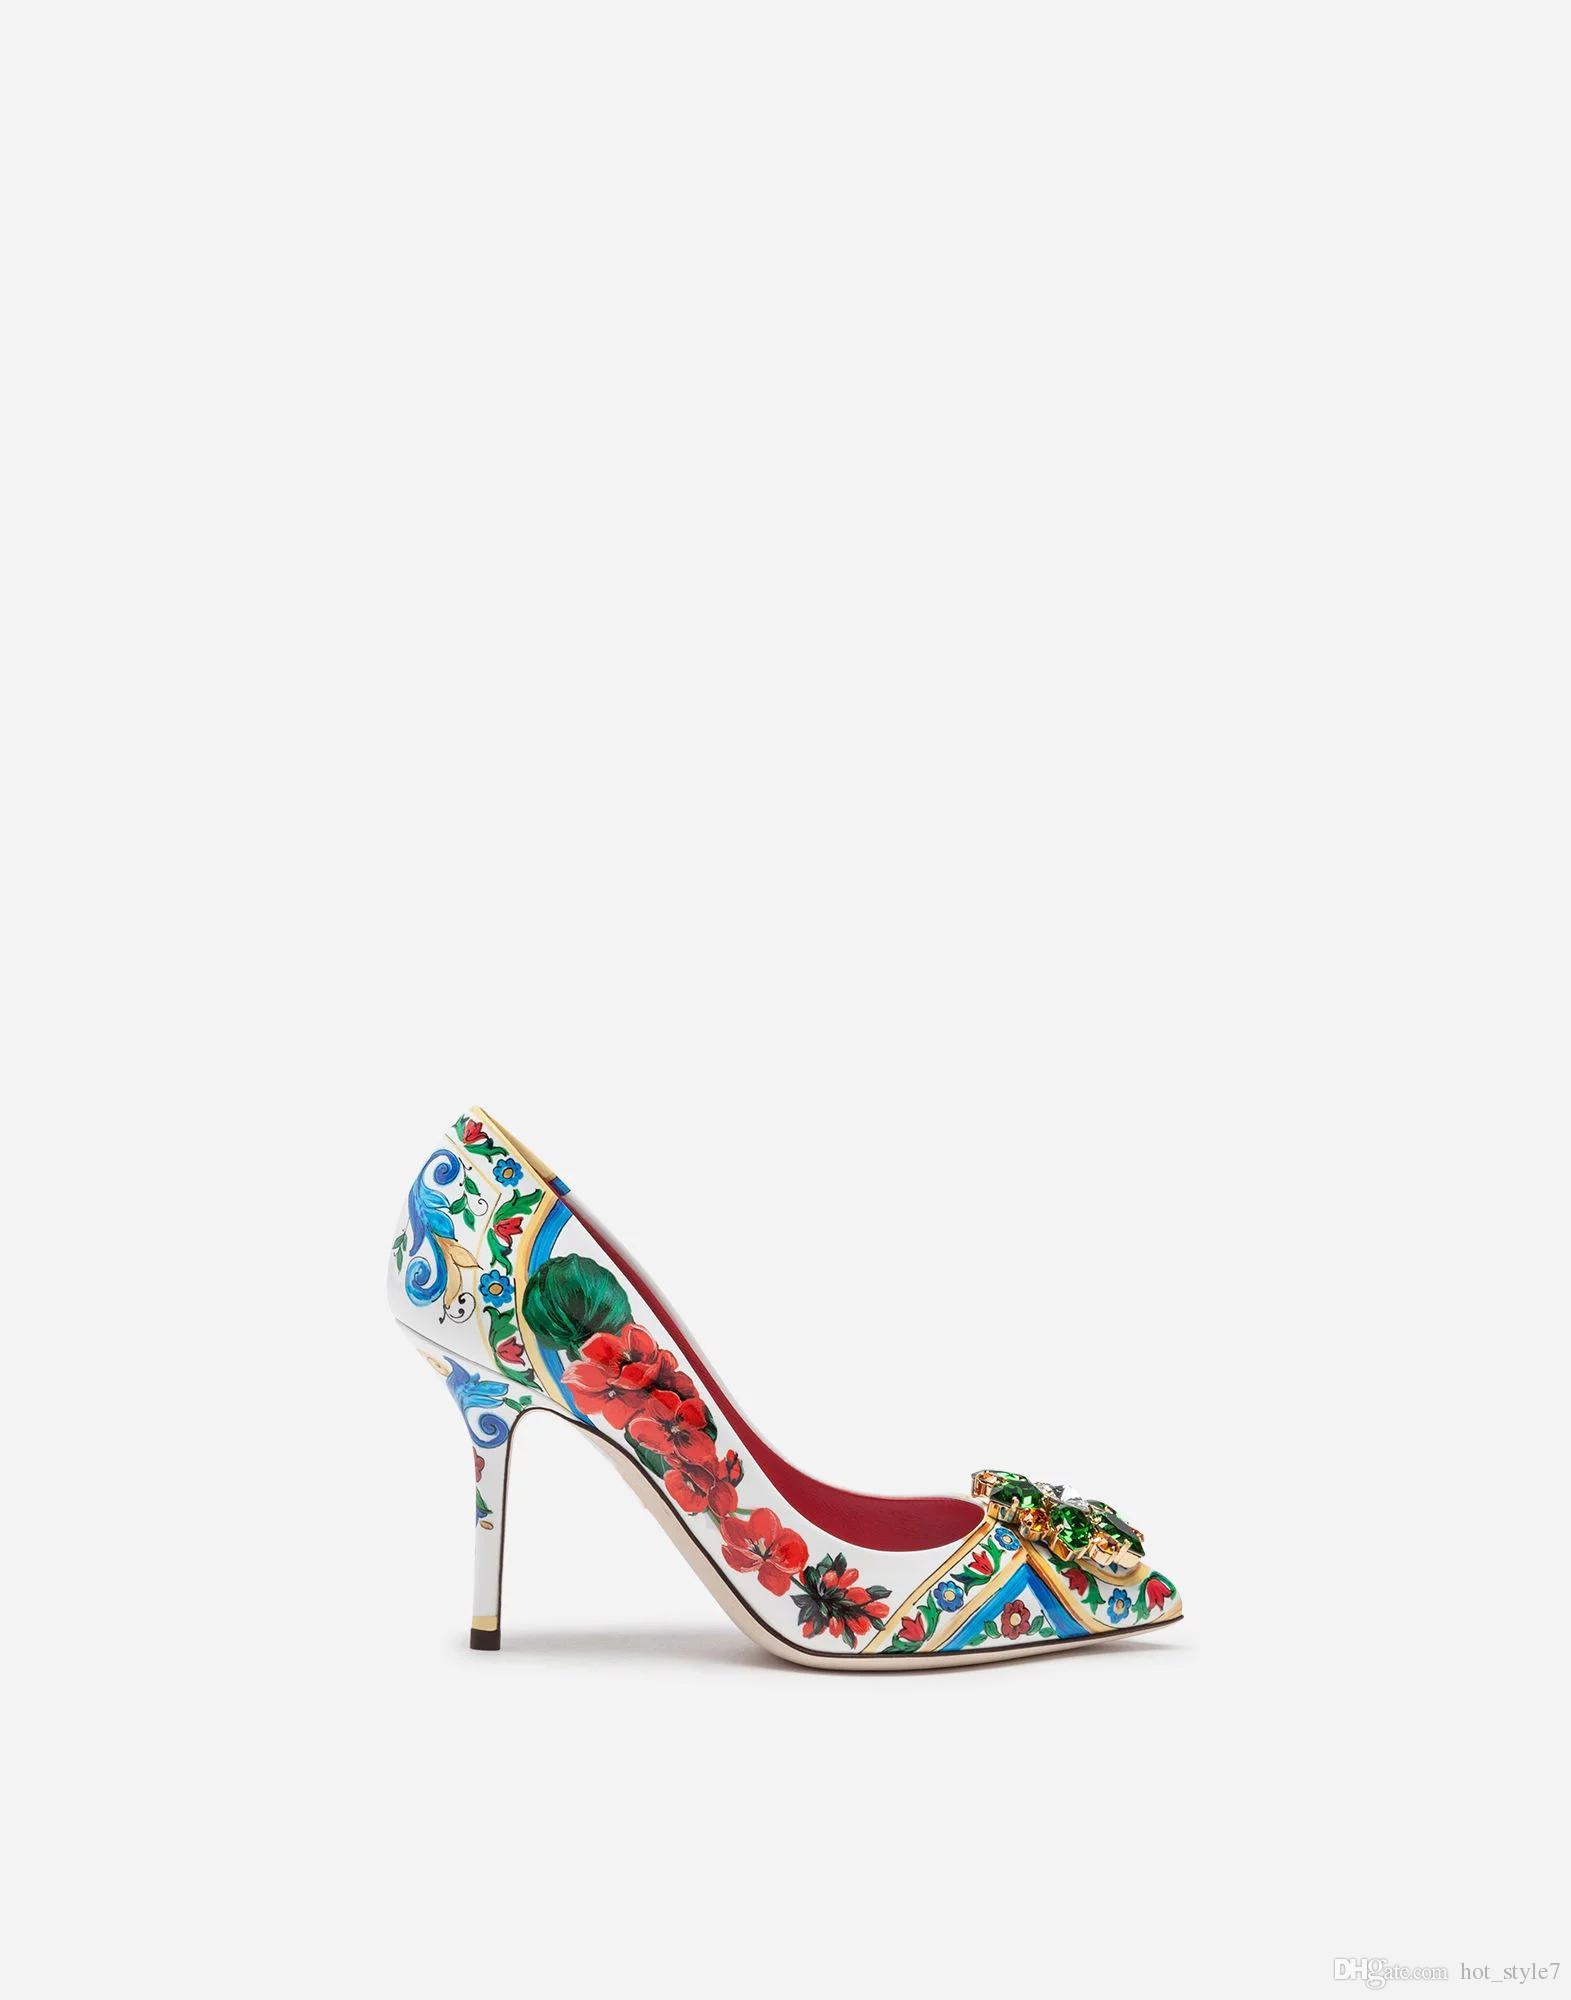 Nuovo stile donna punta a punta bocca superficiale fiore singolo scarpe femal strass tacco a spillo partito scarpe donna matrimonio di alta qualità sexy